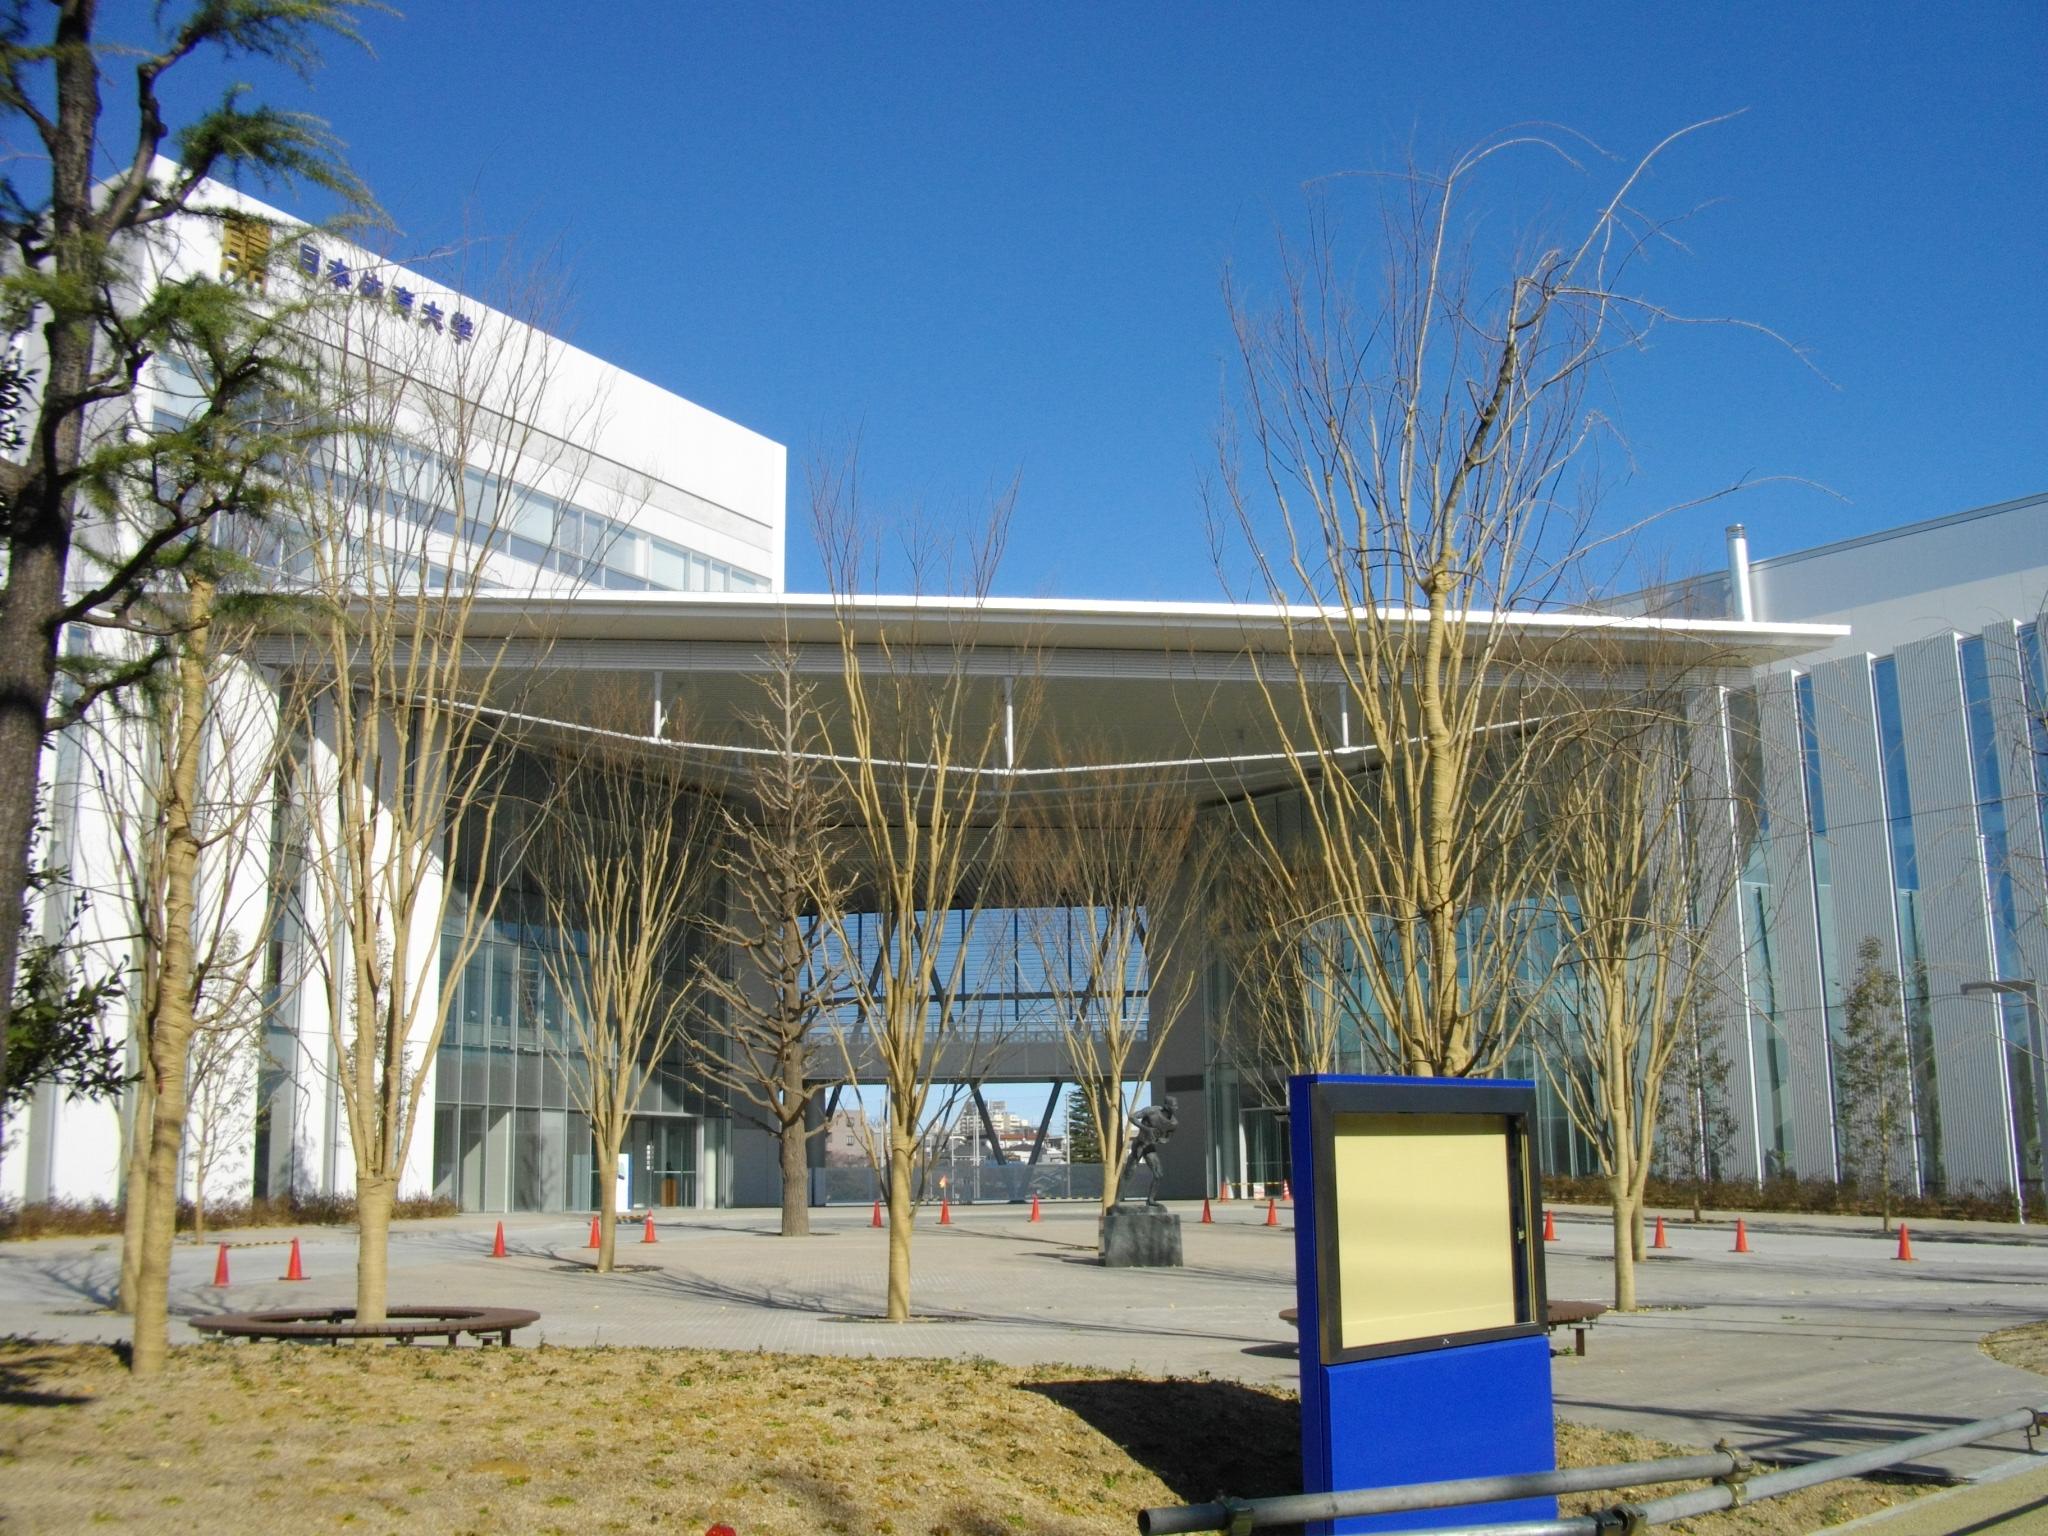 日本体育大学 - Wikipedia